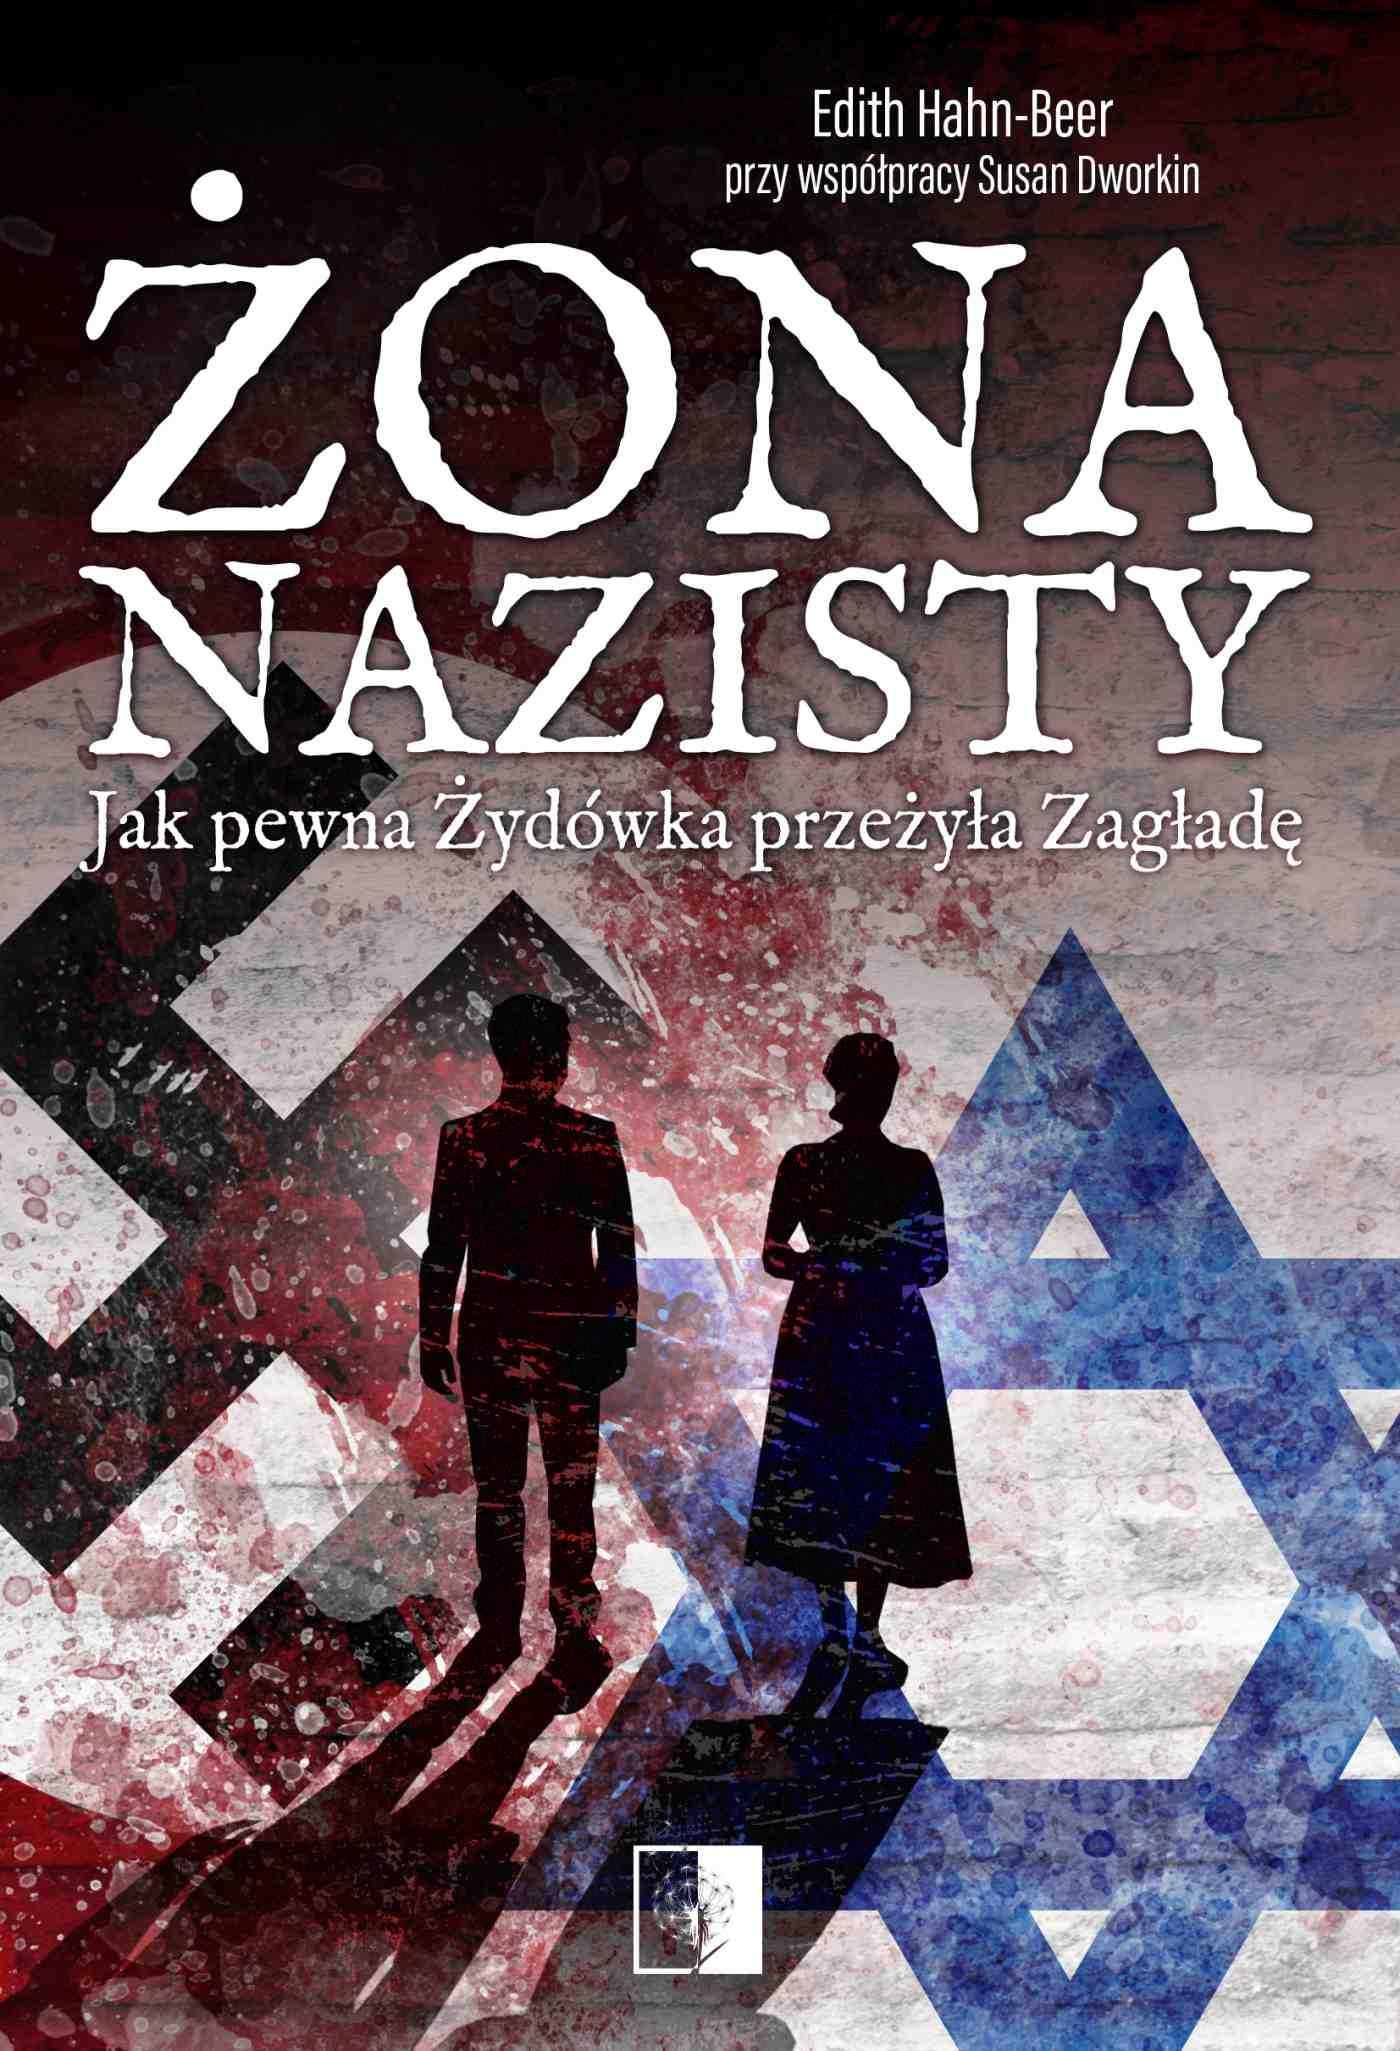 Żona nazisty. Jak pewna Żydówka przeżyła Zagładę - Ebook (Książka EPUB) do pobrania w formacie EPUB